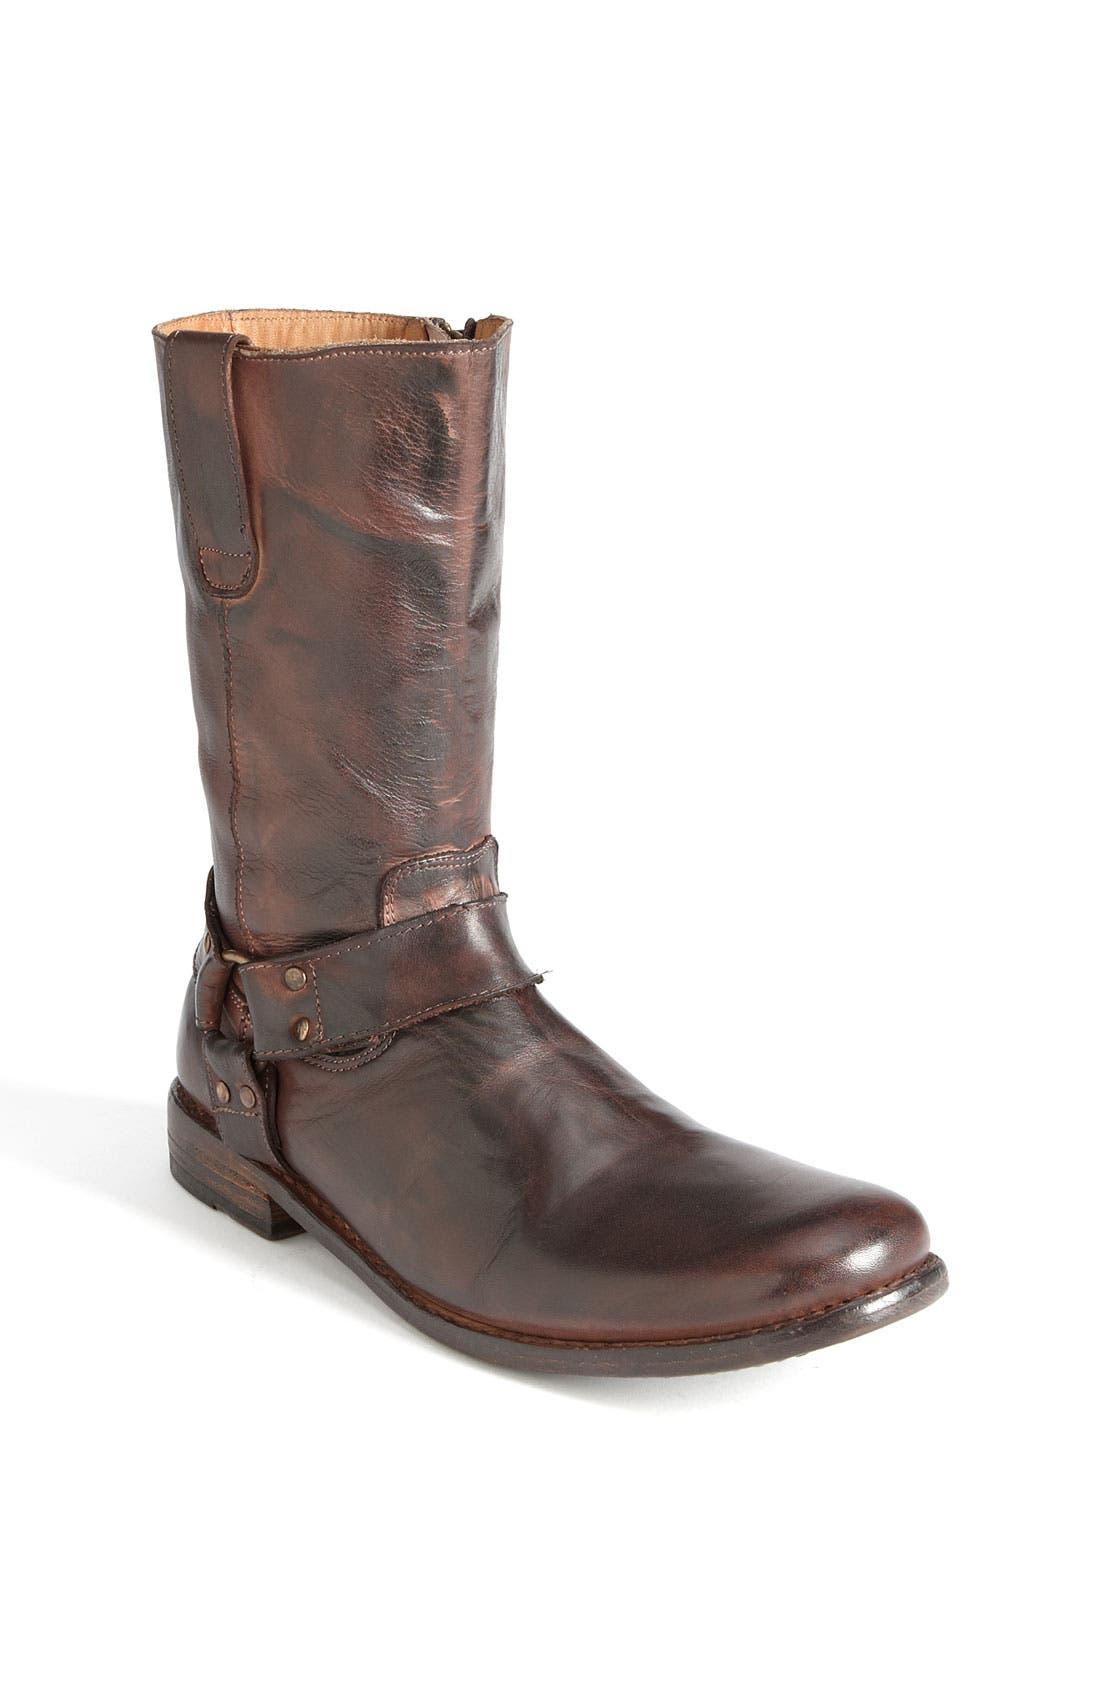 Main Image - Bed Stu 'Libra' Boot